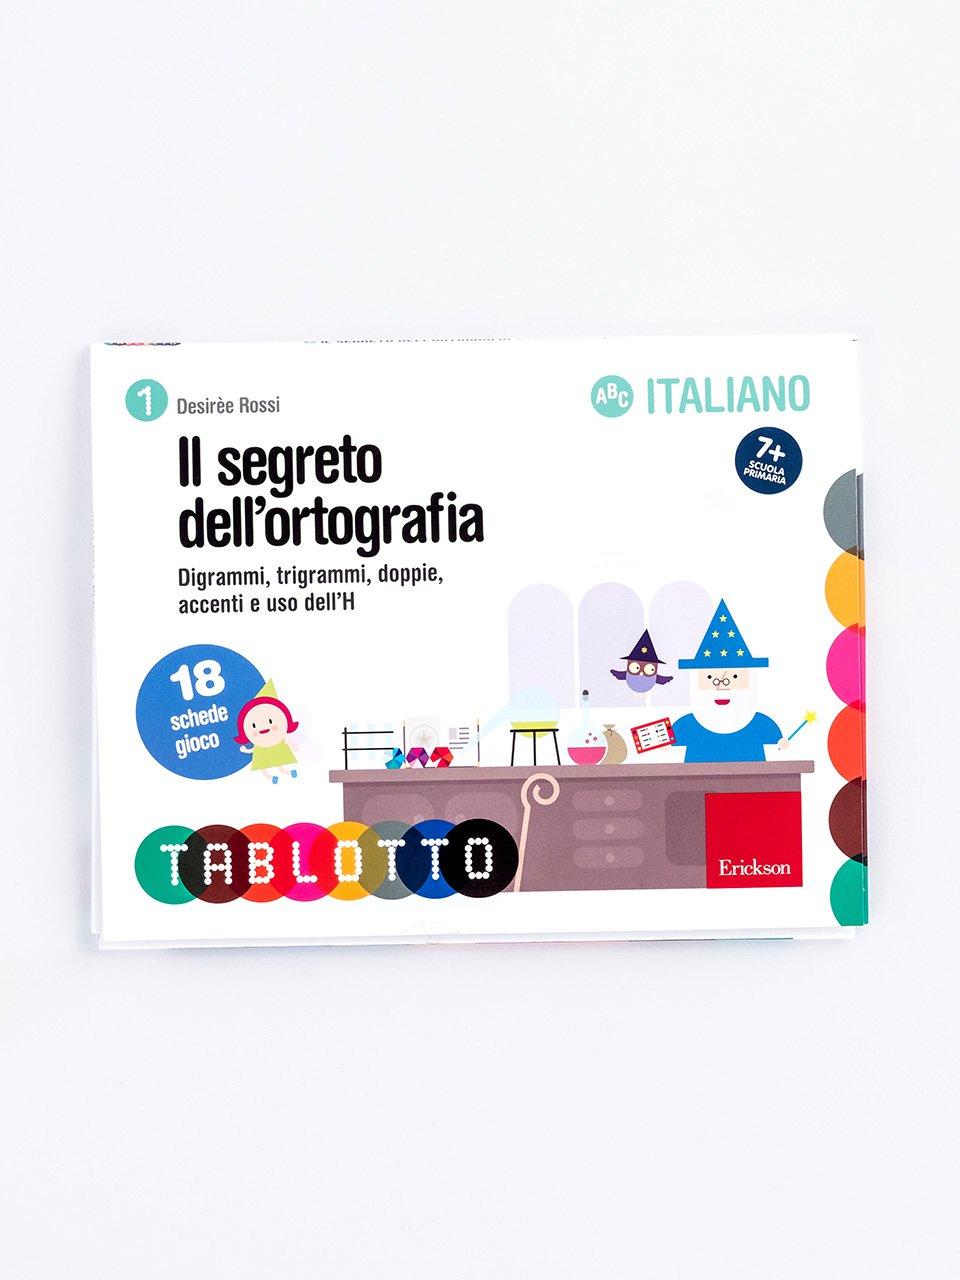 Schede per Tablotto (6-8 anni) - Il segreto dell'ortografia - Tablet delle regole di Italiano - Libri - Erickson